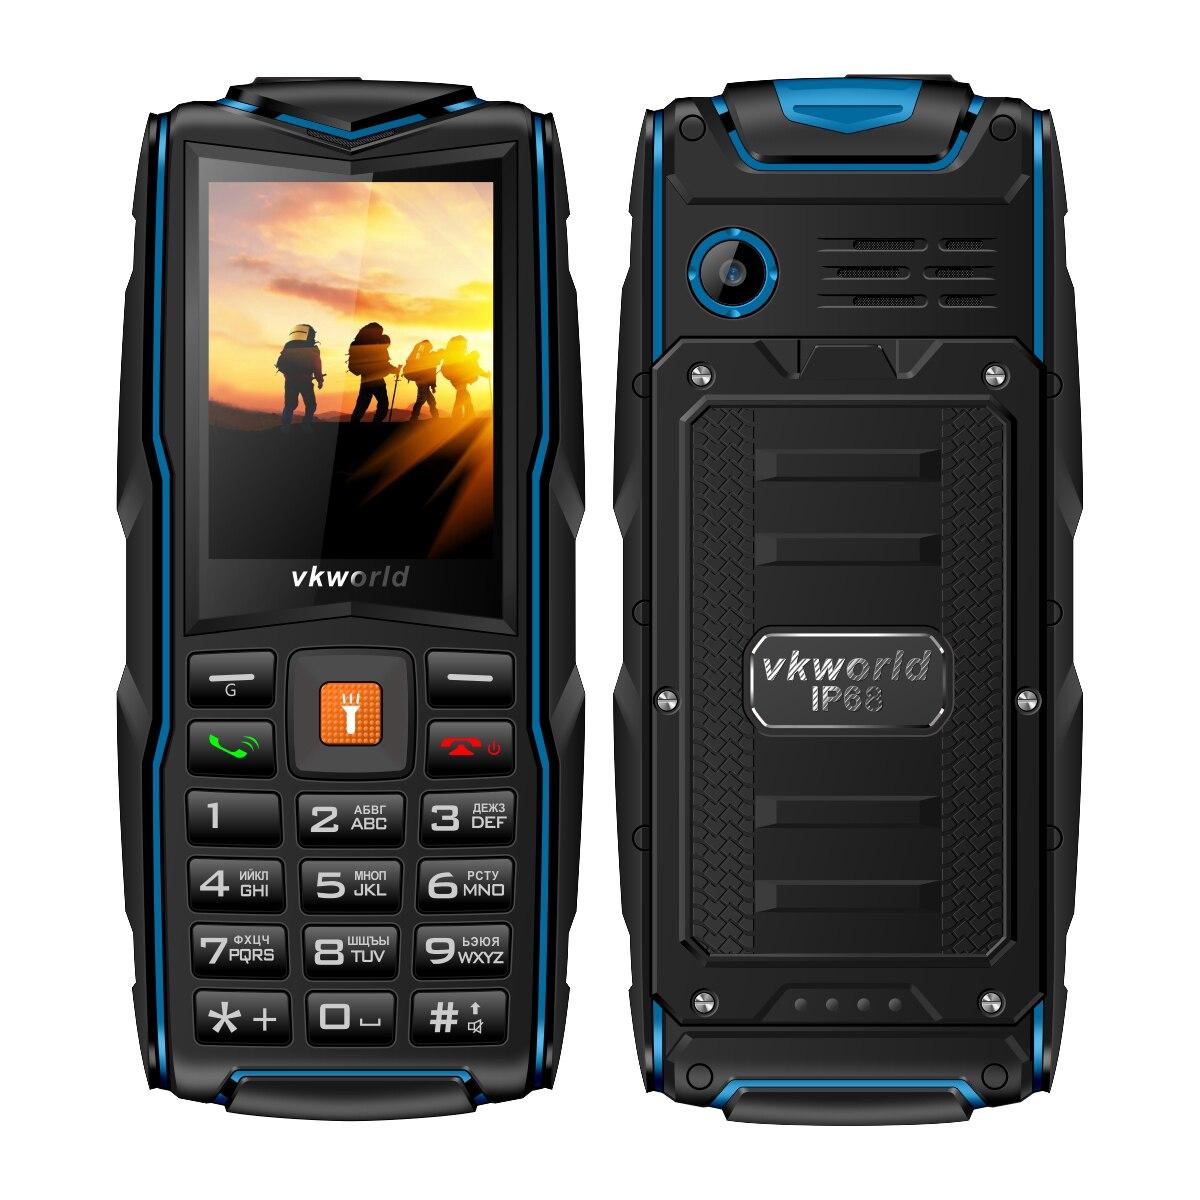 Vkworld Neue Stein V3 Quadband Entsperren Telefon Russische Tastatur SC6531CA IP68 Wasserdicht Energienbank Bluetooth Taschenlampe 2.0MP Kamera